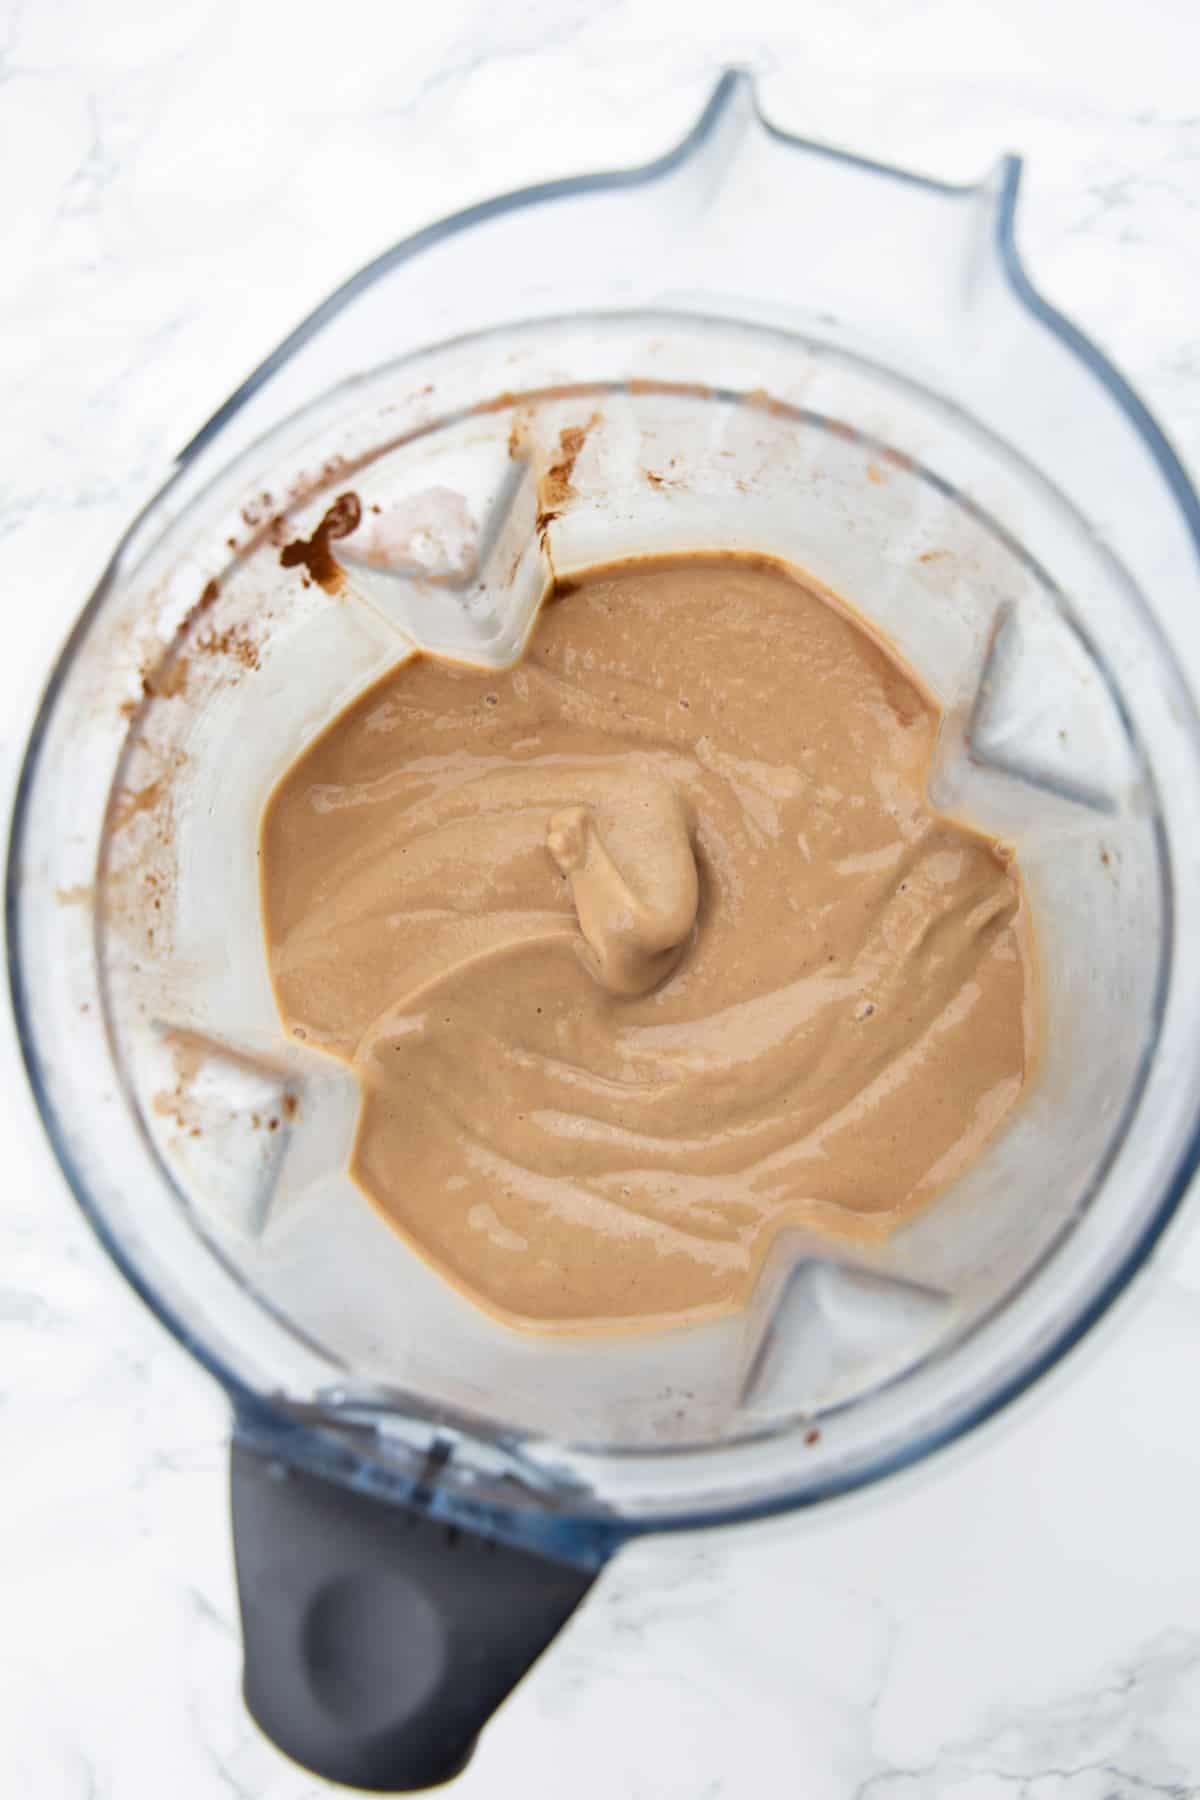 ein veganer Milchshake in einem Mixbehälter auf einer Marmorplatte